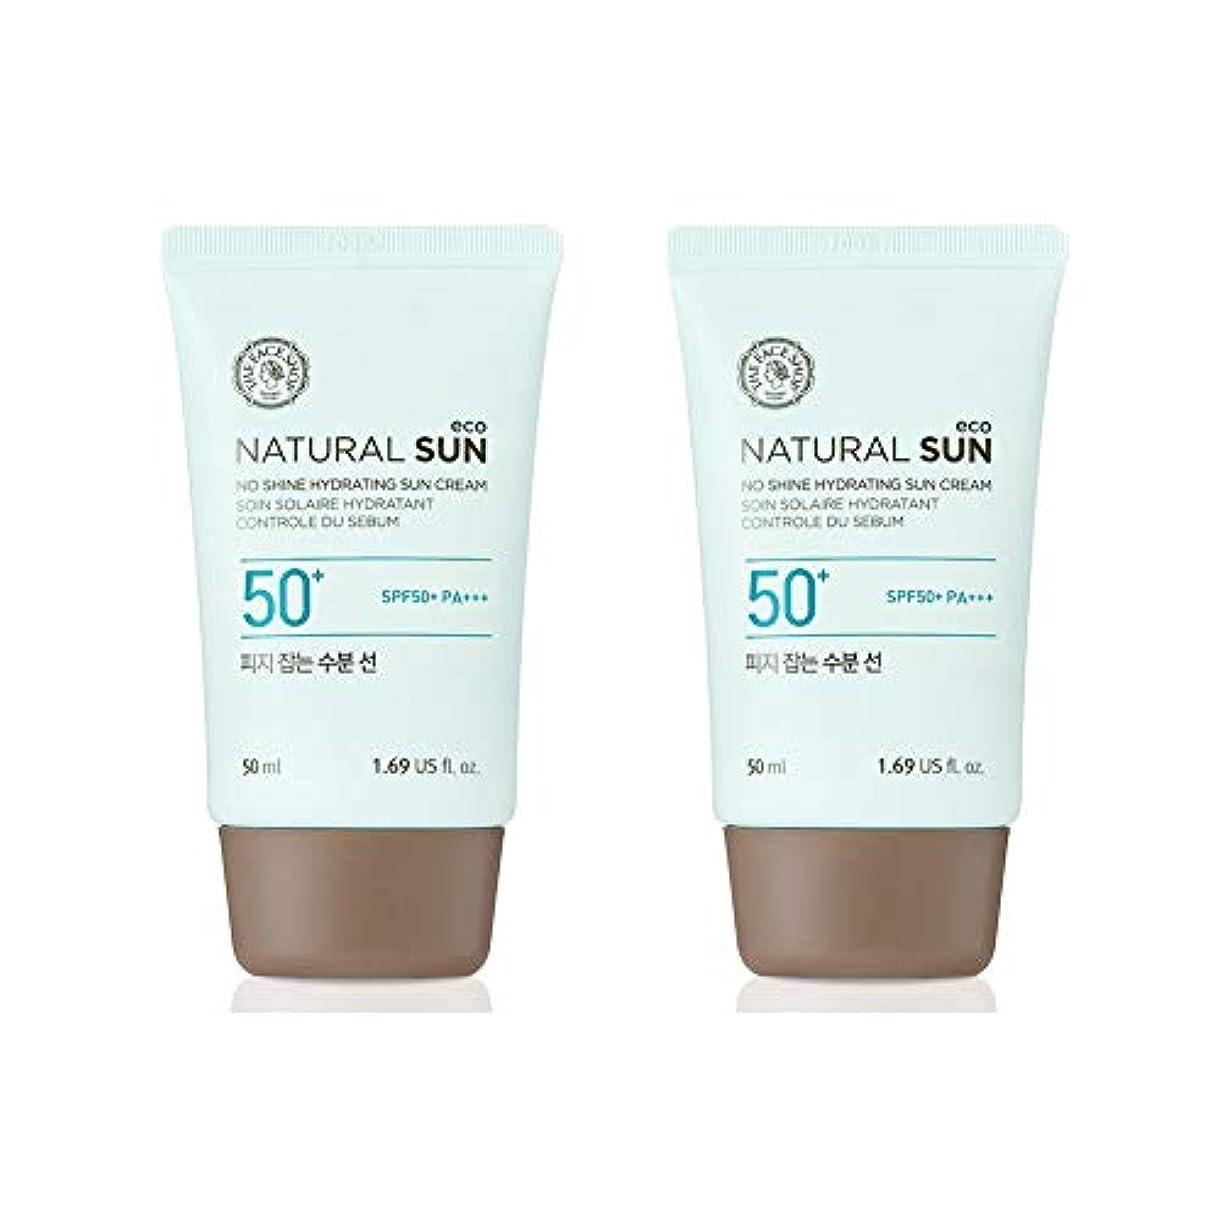 飲み込む無法者好意ザ?フェイスショップネチュロルソンエコフィジーサン?クリームSPF50+PA+++50ml x 2本セット韓国コスメ、The Face Shop Natural Sun Eco No Shine Hydrating Sun...